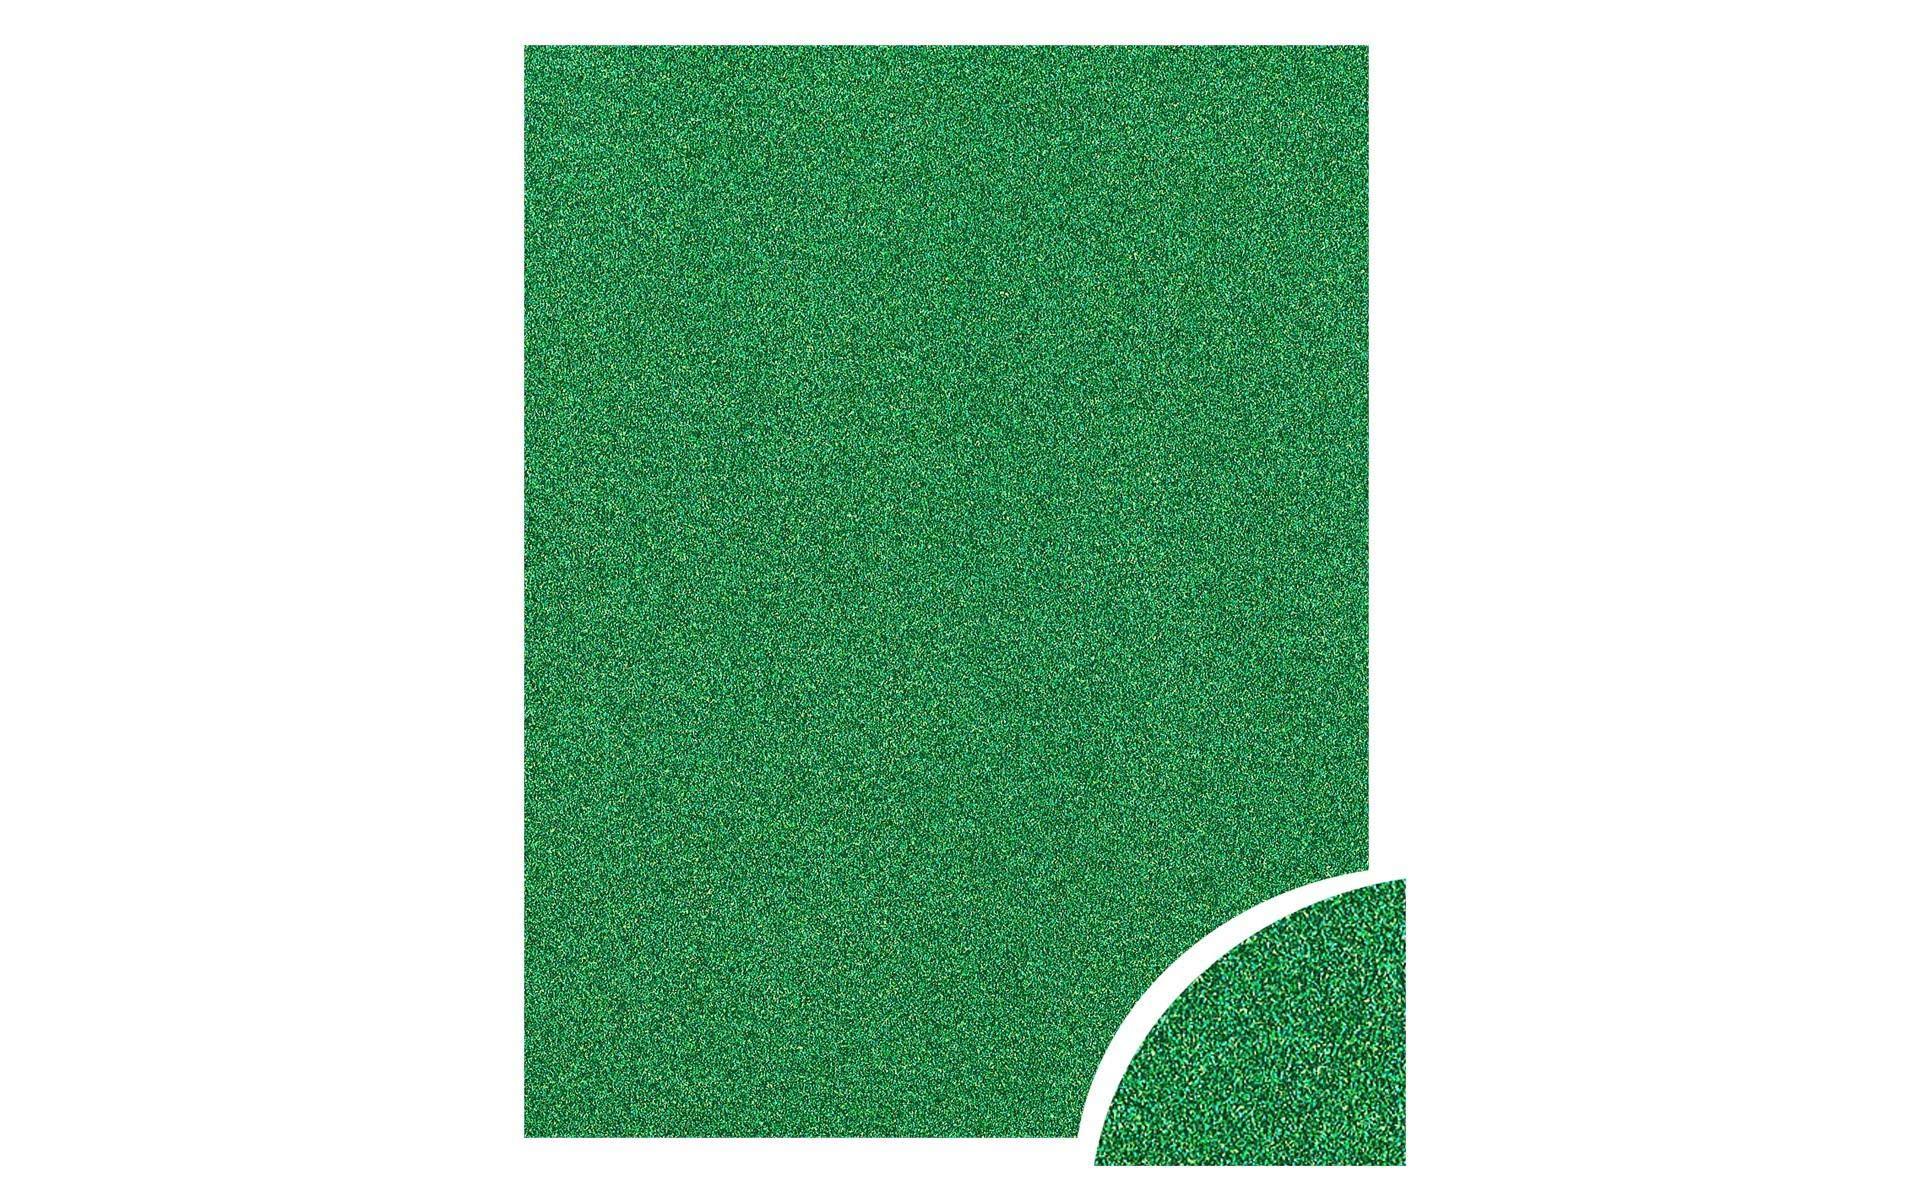 Paper Accents Cdstk Glitter 22x28 85lb Green UPC